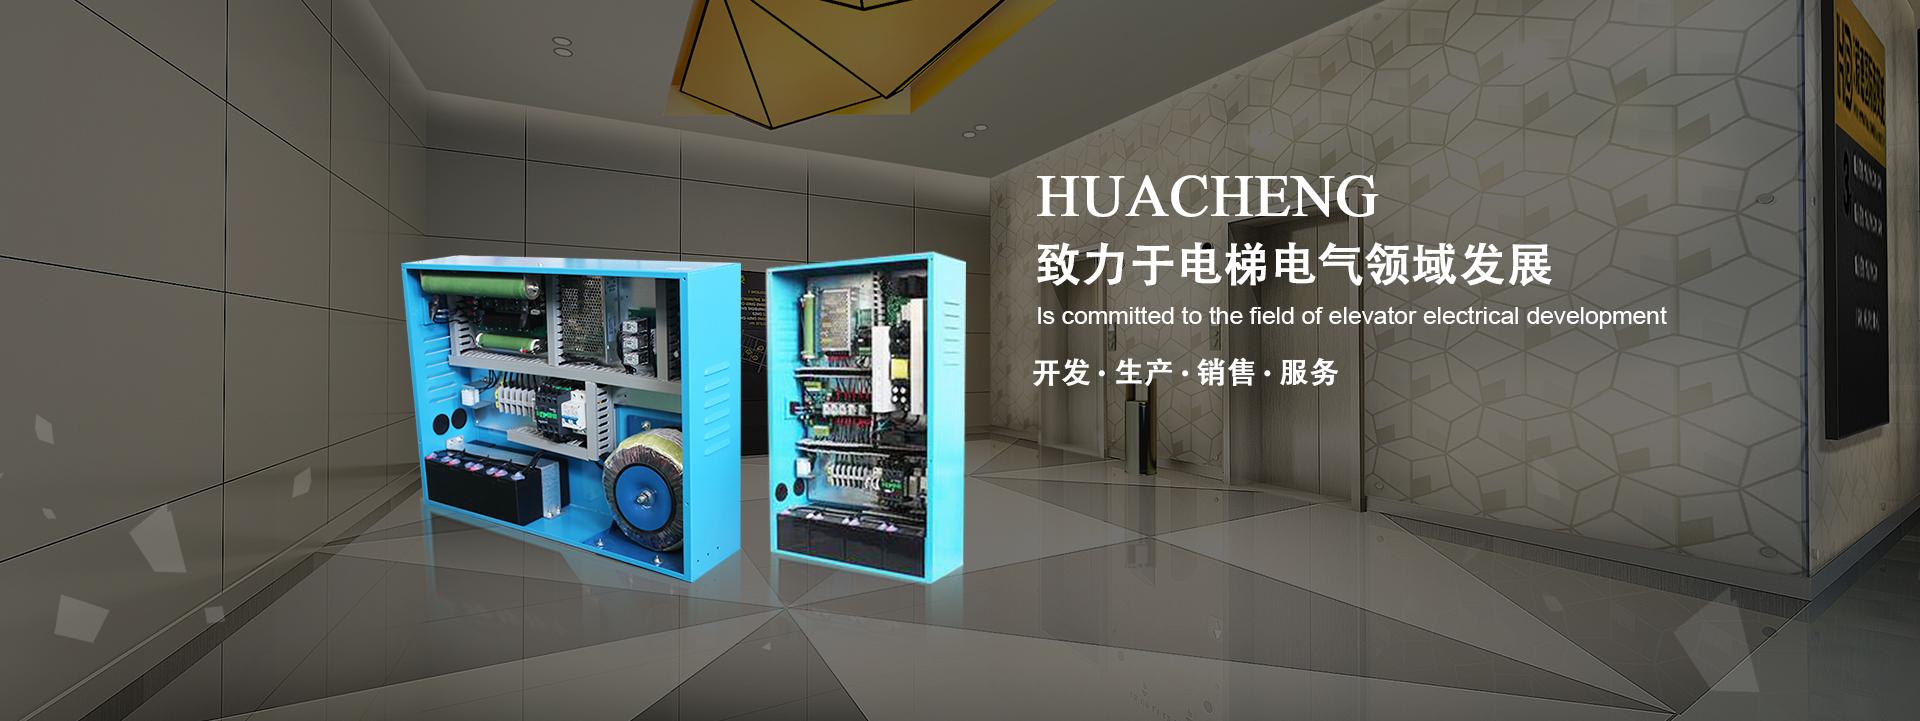 上海电梯节能装置